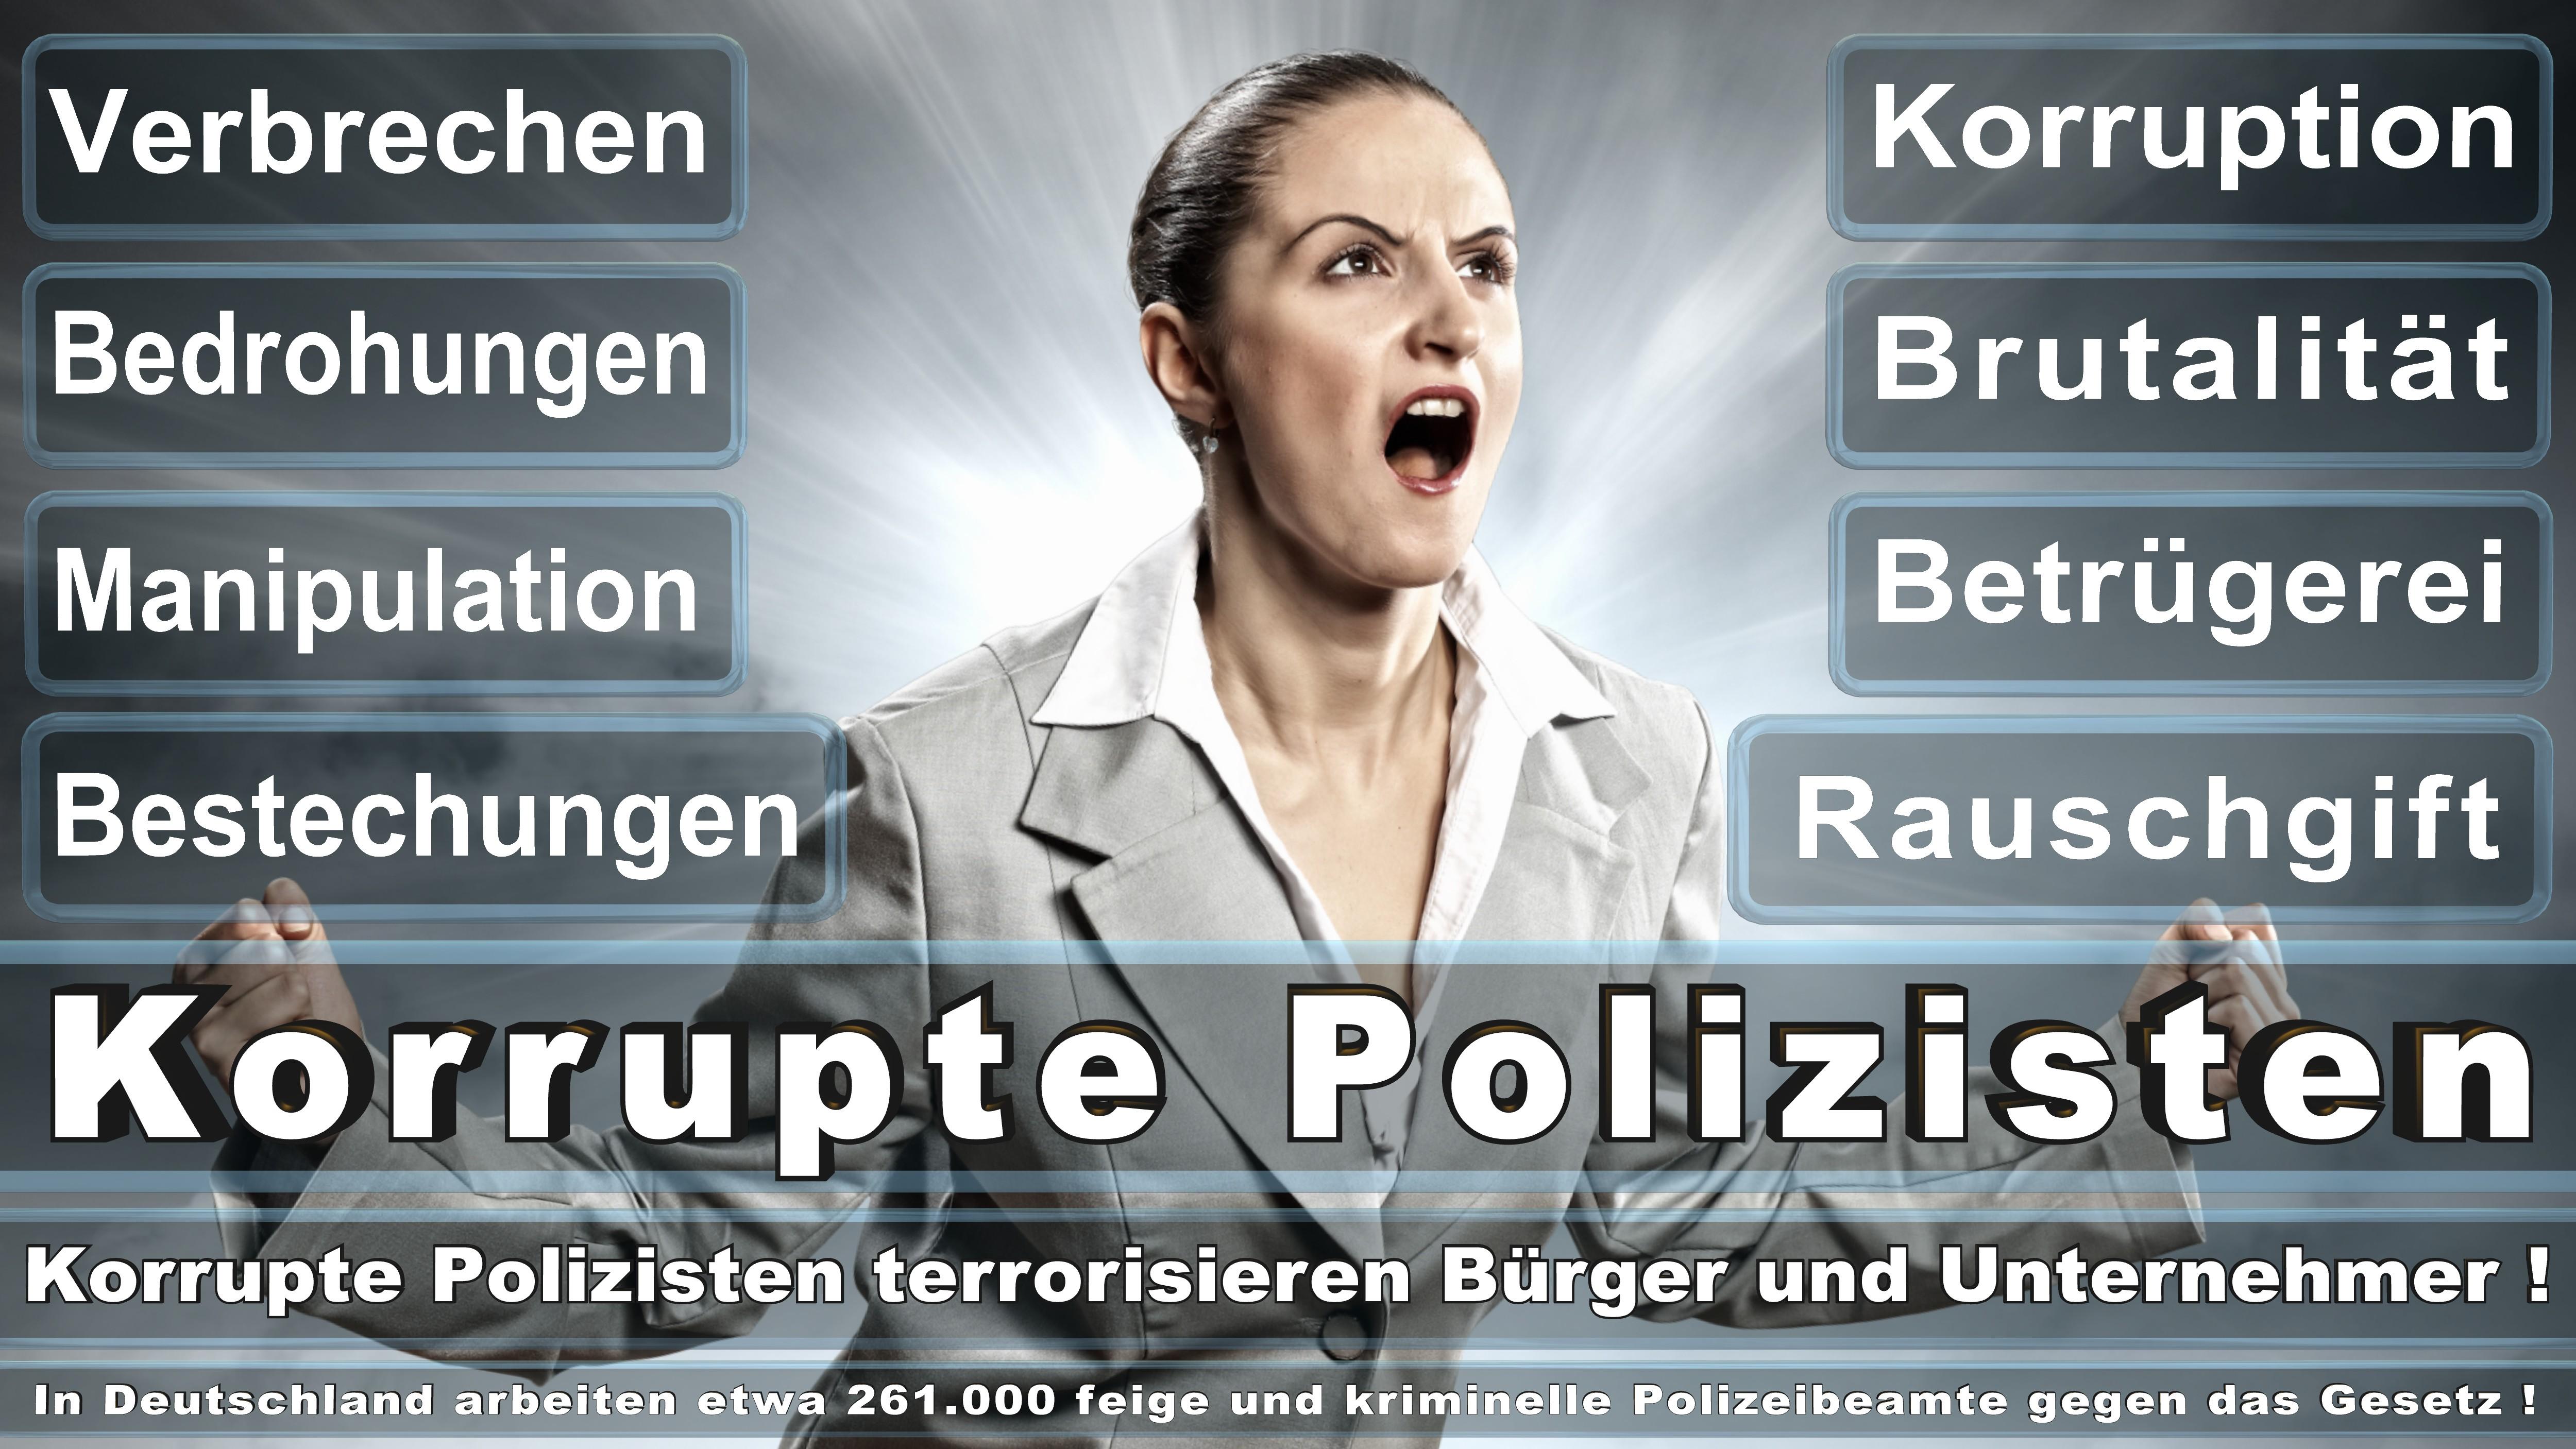 Polizei-Bielefeld (165) Korruption, Verbrechen, Polizeigewalt, Bewerbung, Uniform, Bundespolizei, Sucht, Wasserschutzpolizei, Karriere, Landespolizei,